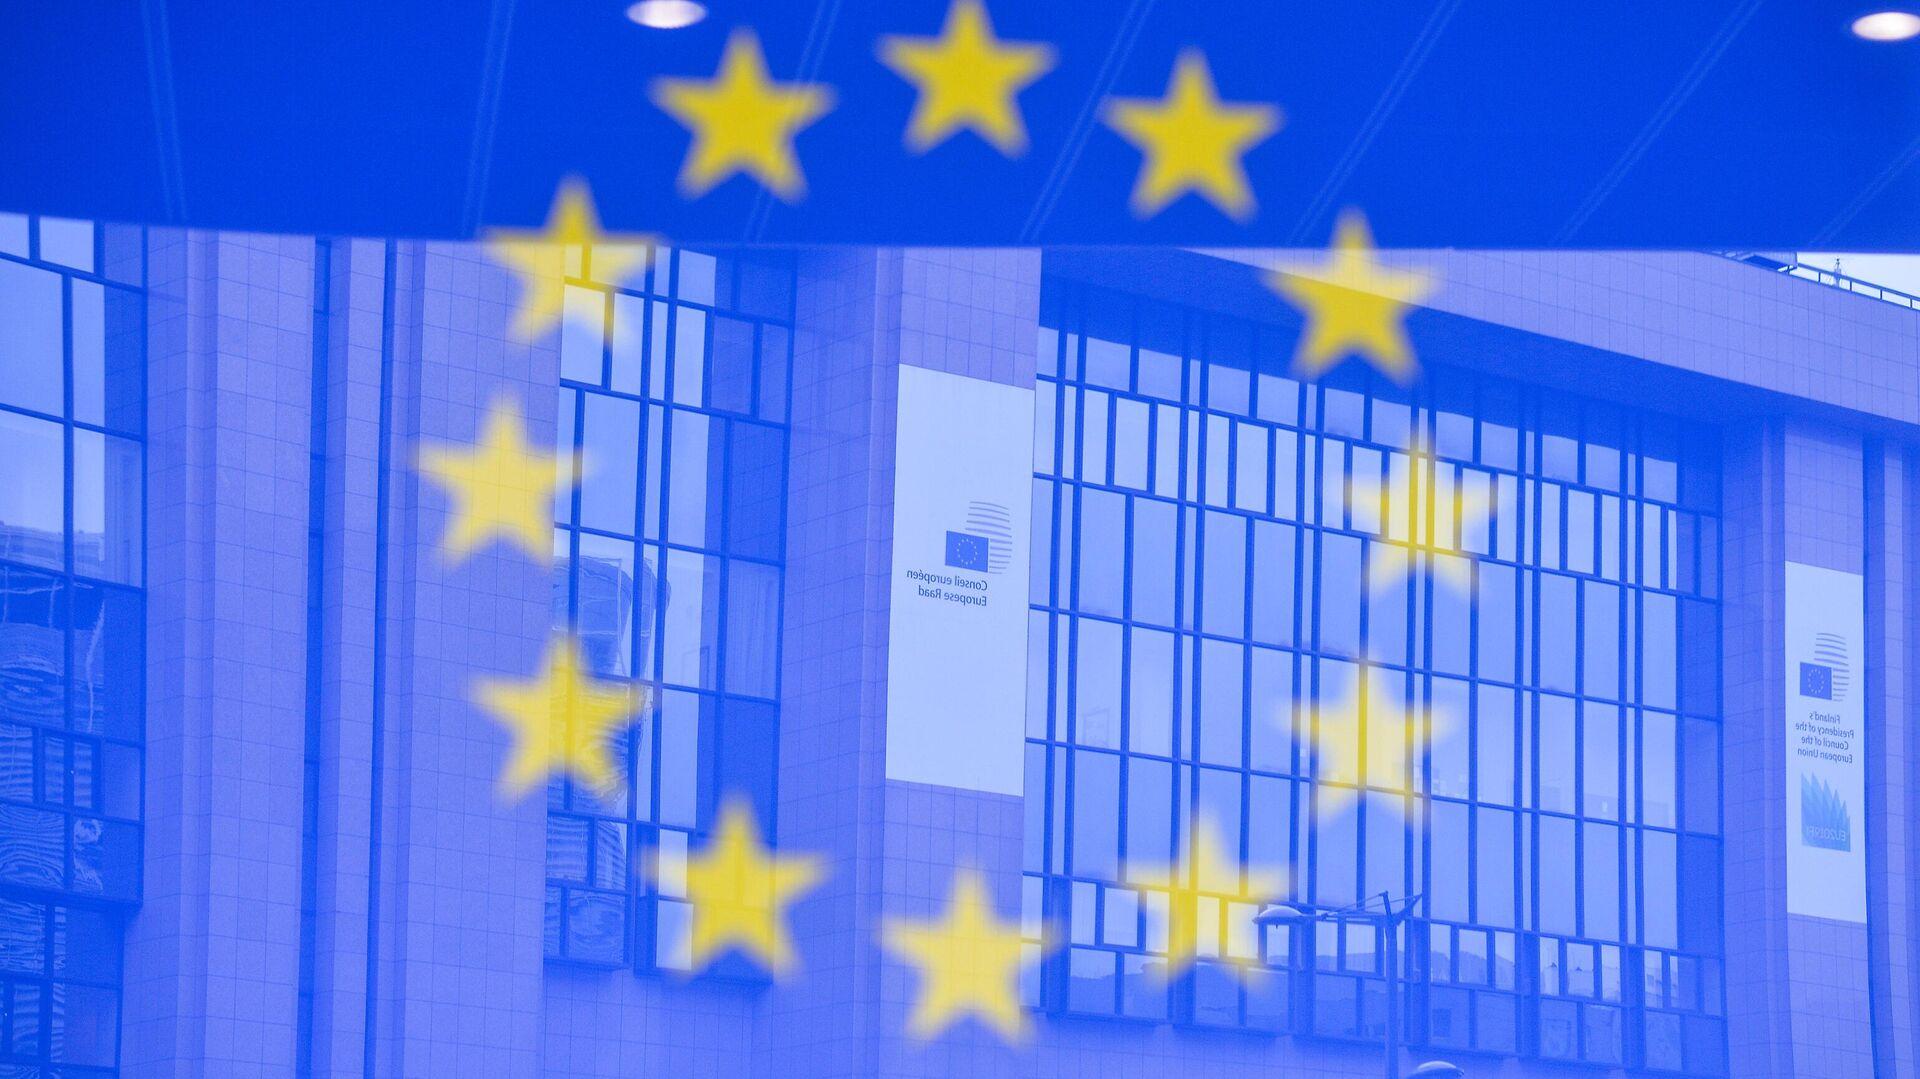 Саммит ЕС в Брюсселе - РИА Новости, 1920, 10.09.2020